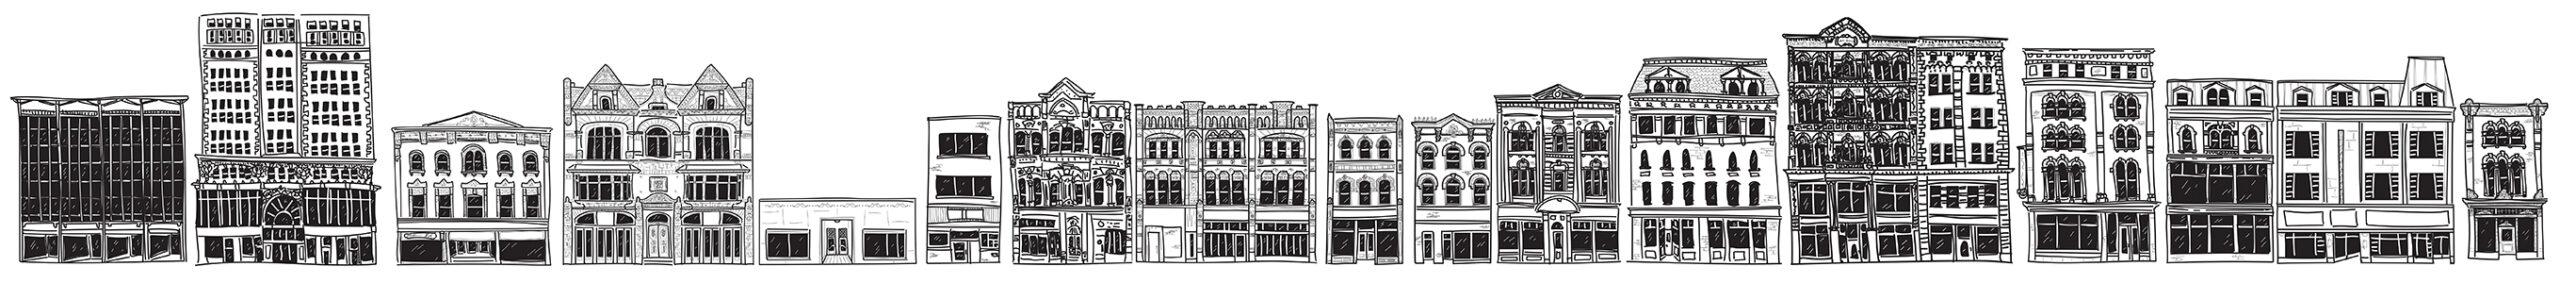 mke bid buildings